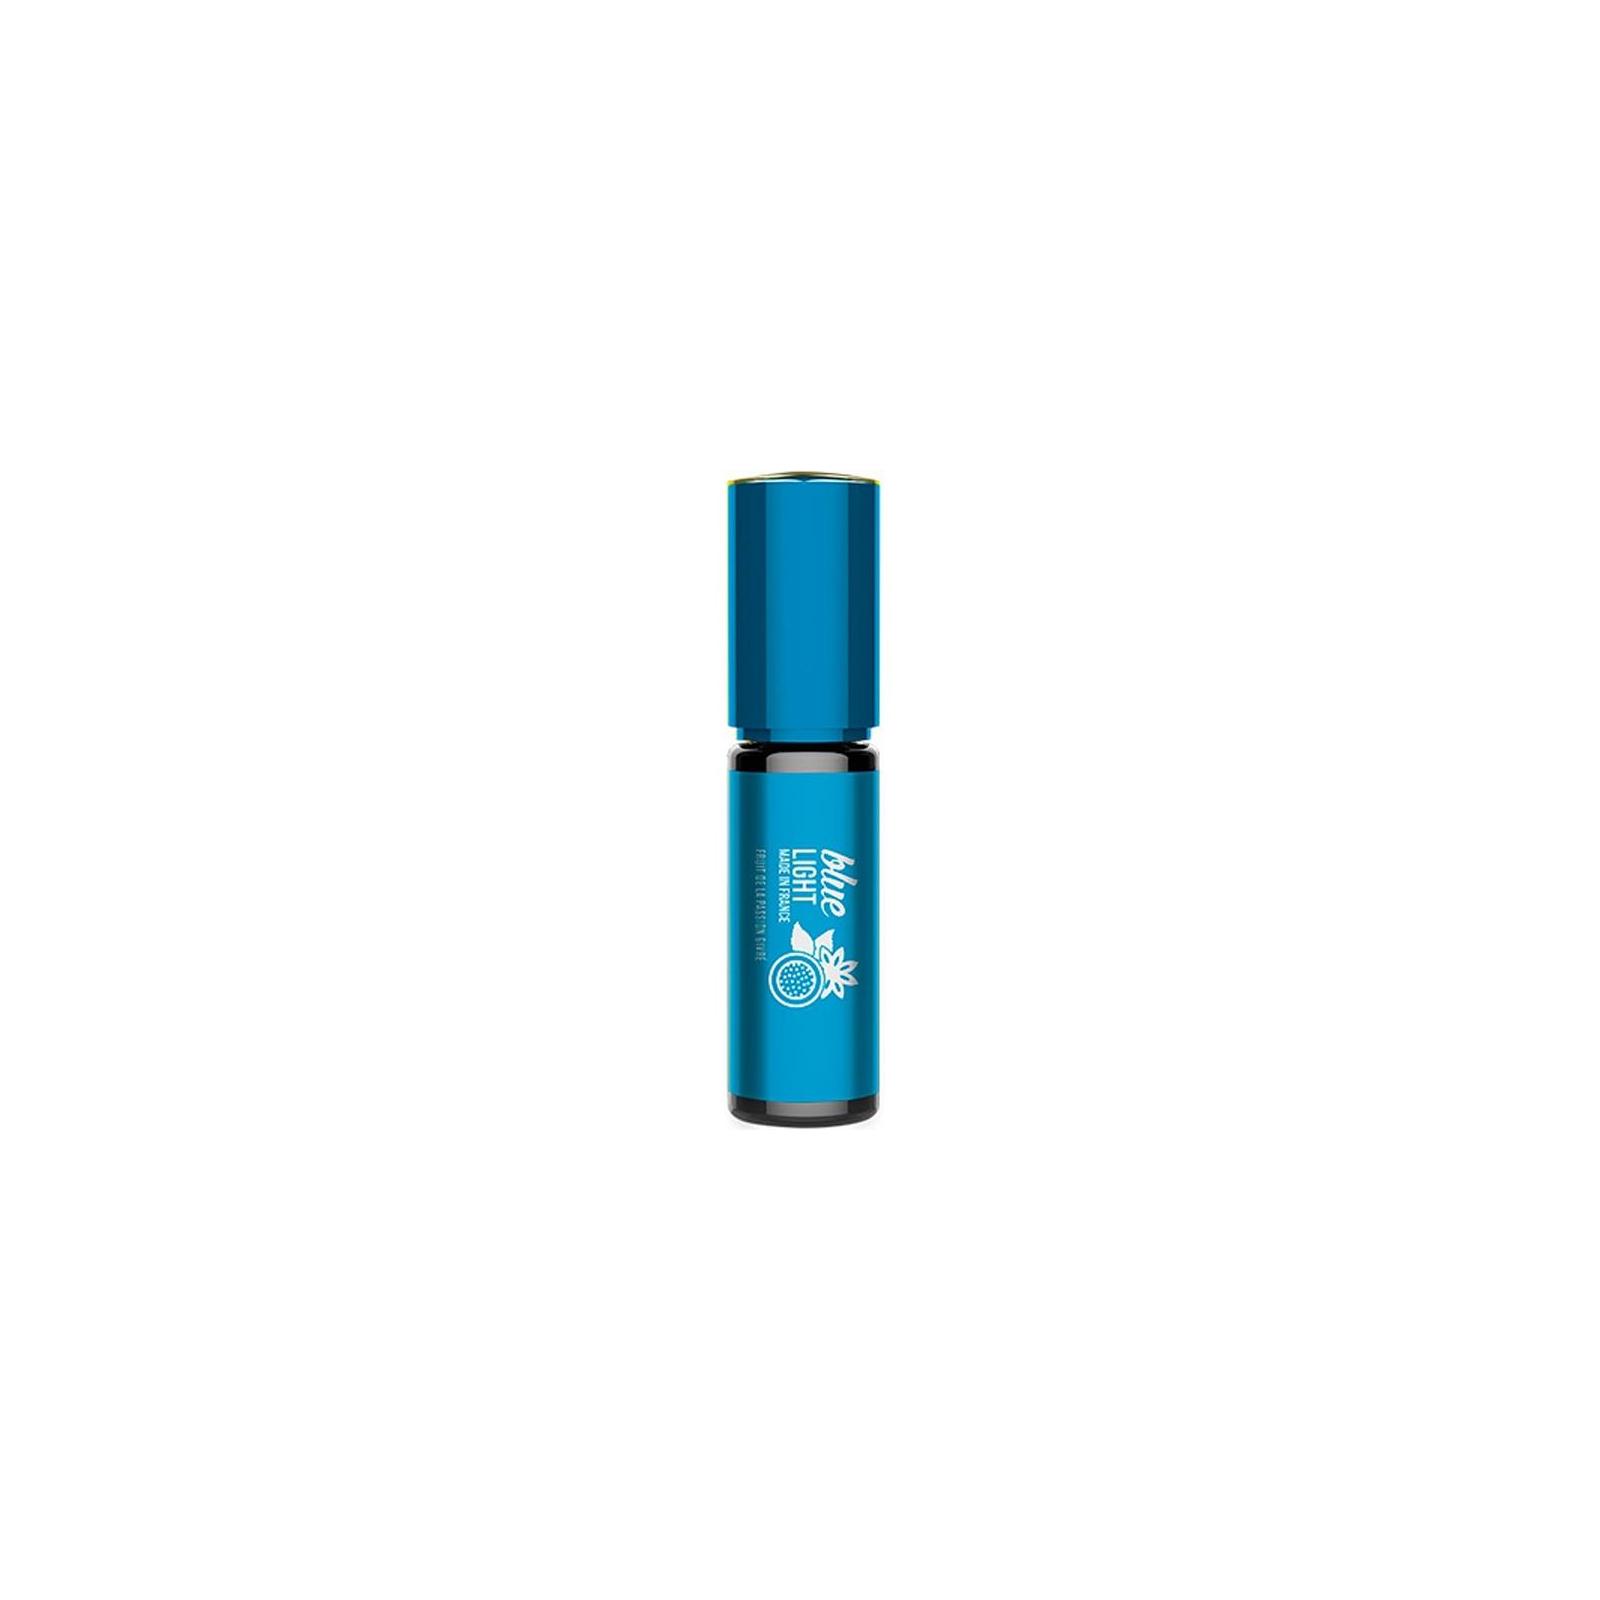 Купить фильтры для сигарет электронных одноразовые электронные сигареты пермь